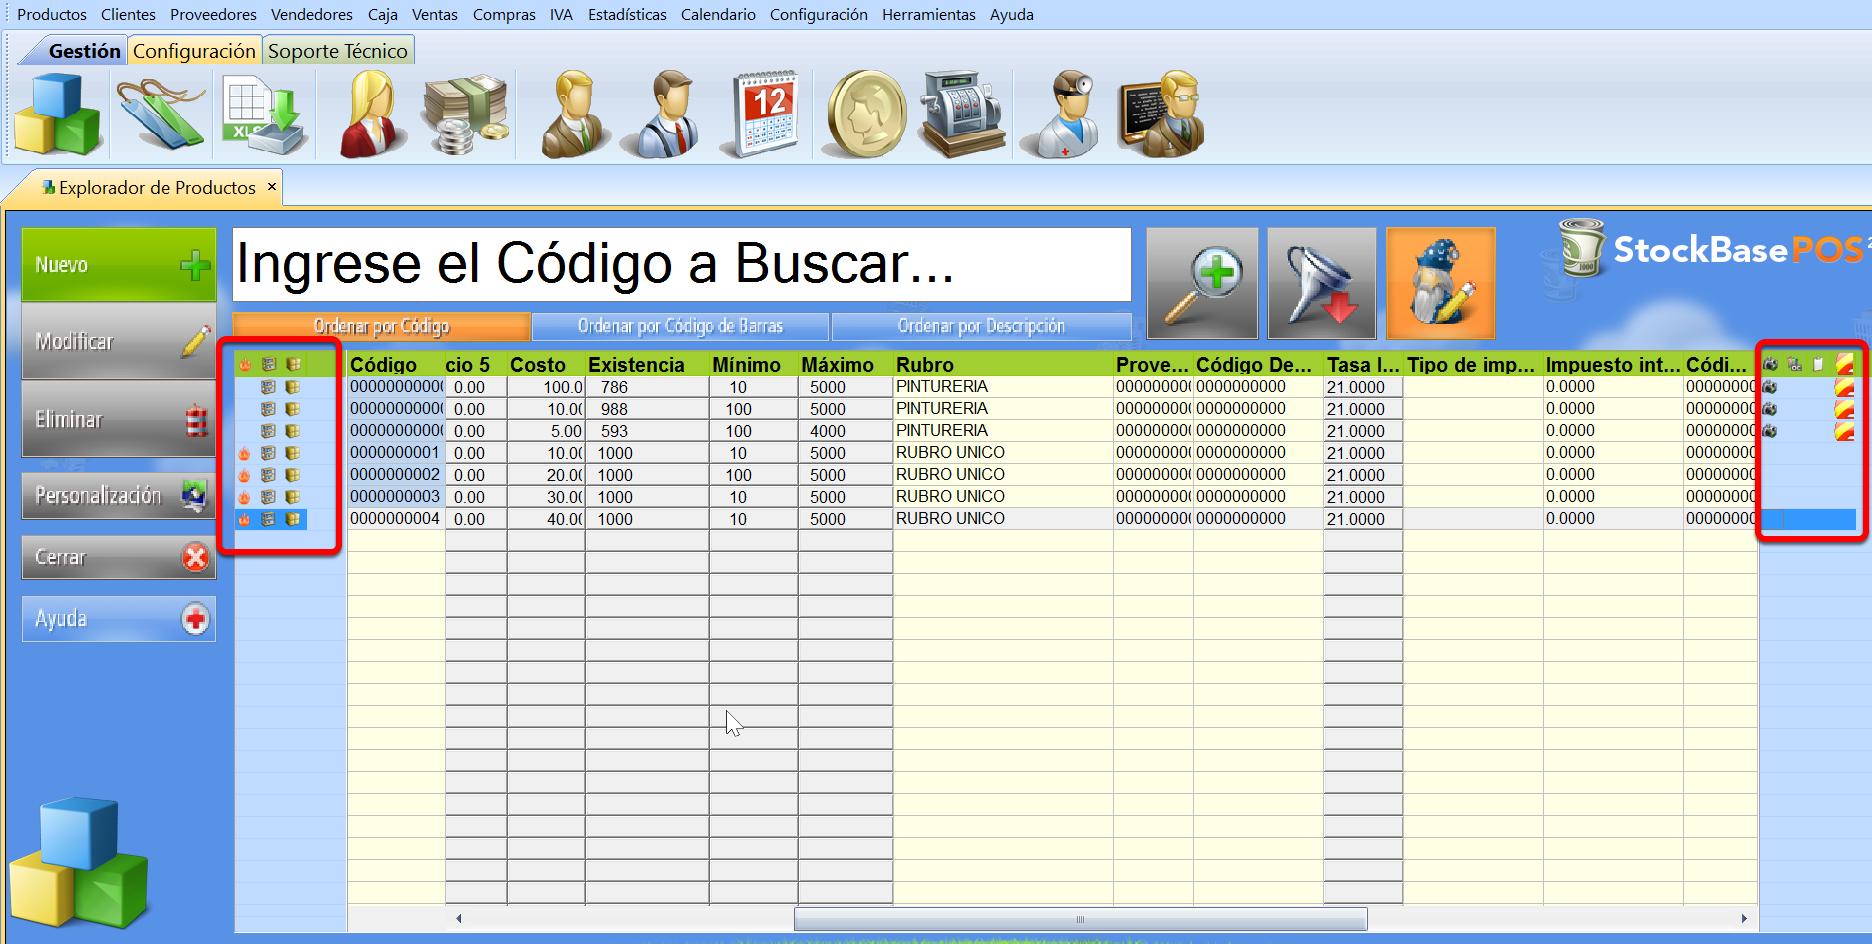 Iconos en los Exploradores de registros permiten lectura o acceso a datos de los registros del software de gestion